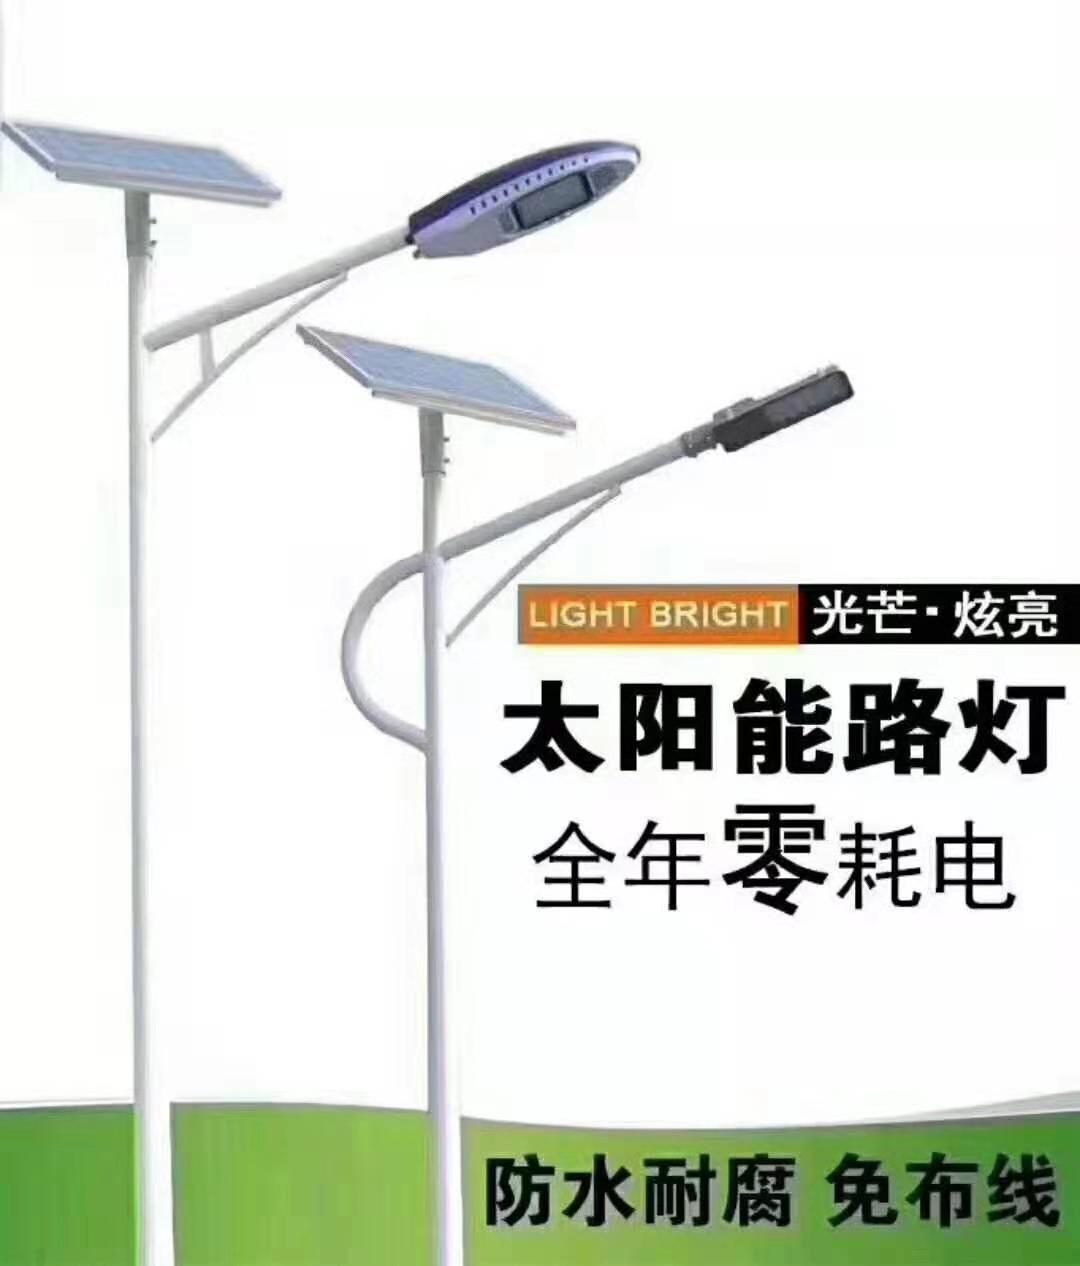 路燈生產廠家|路燈批發價格